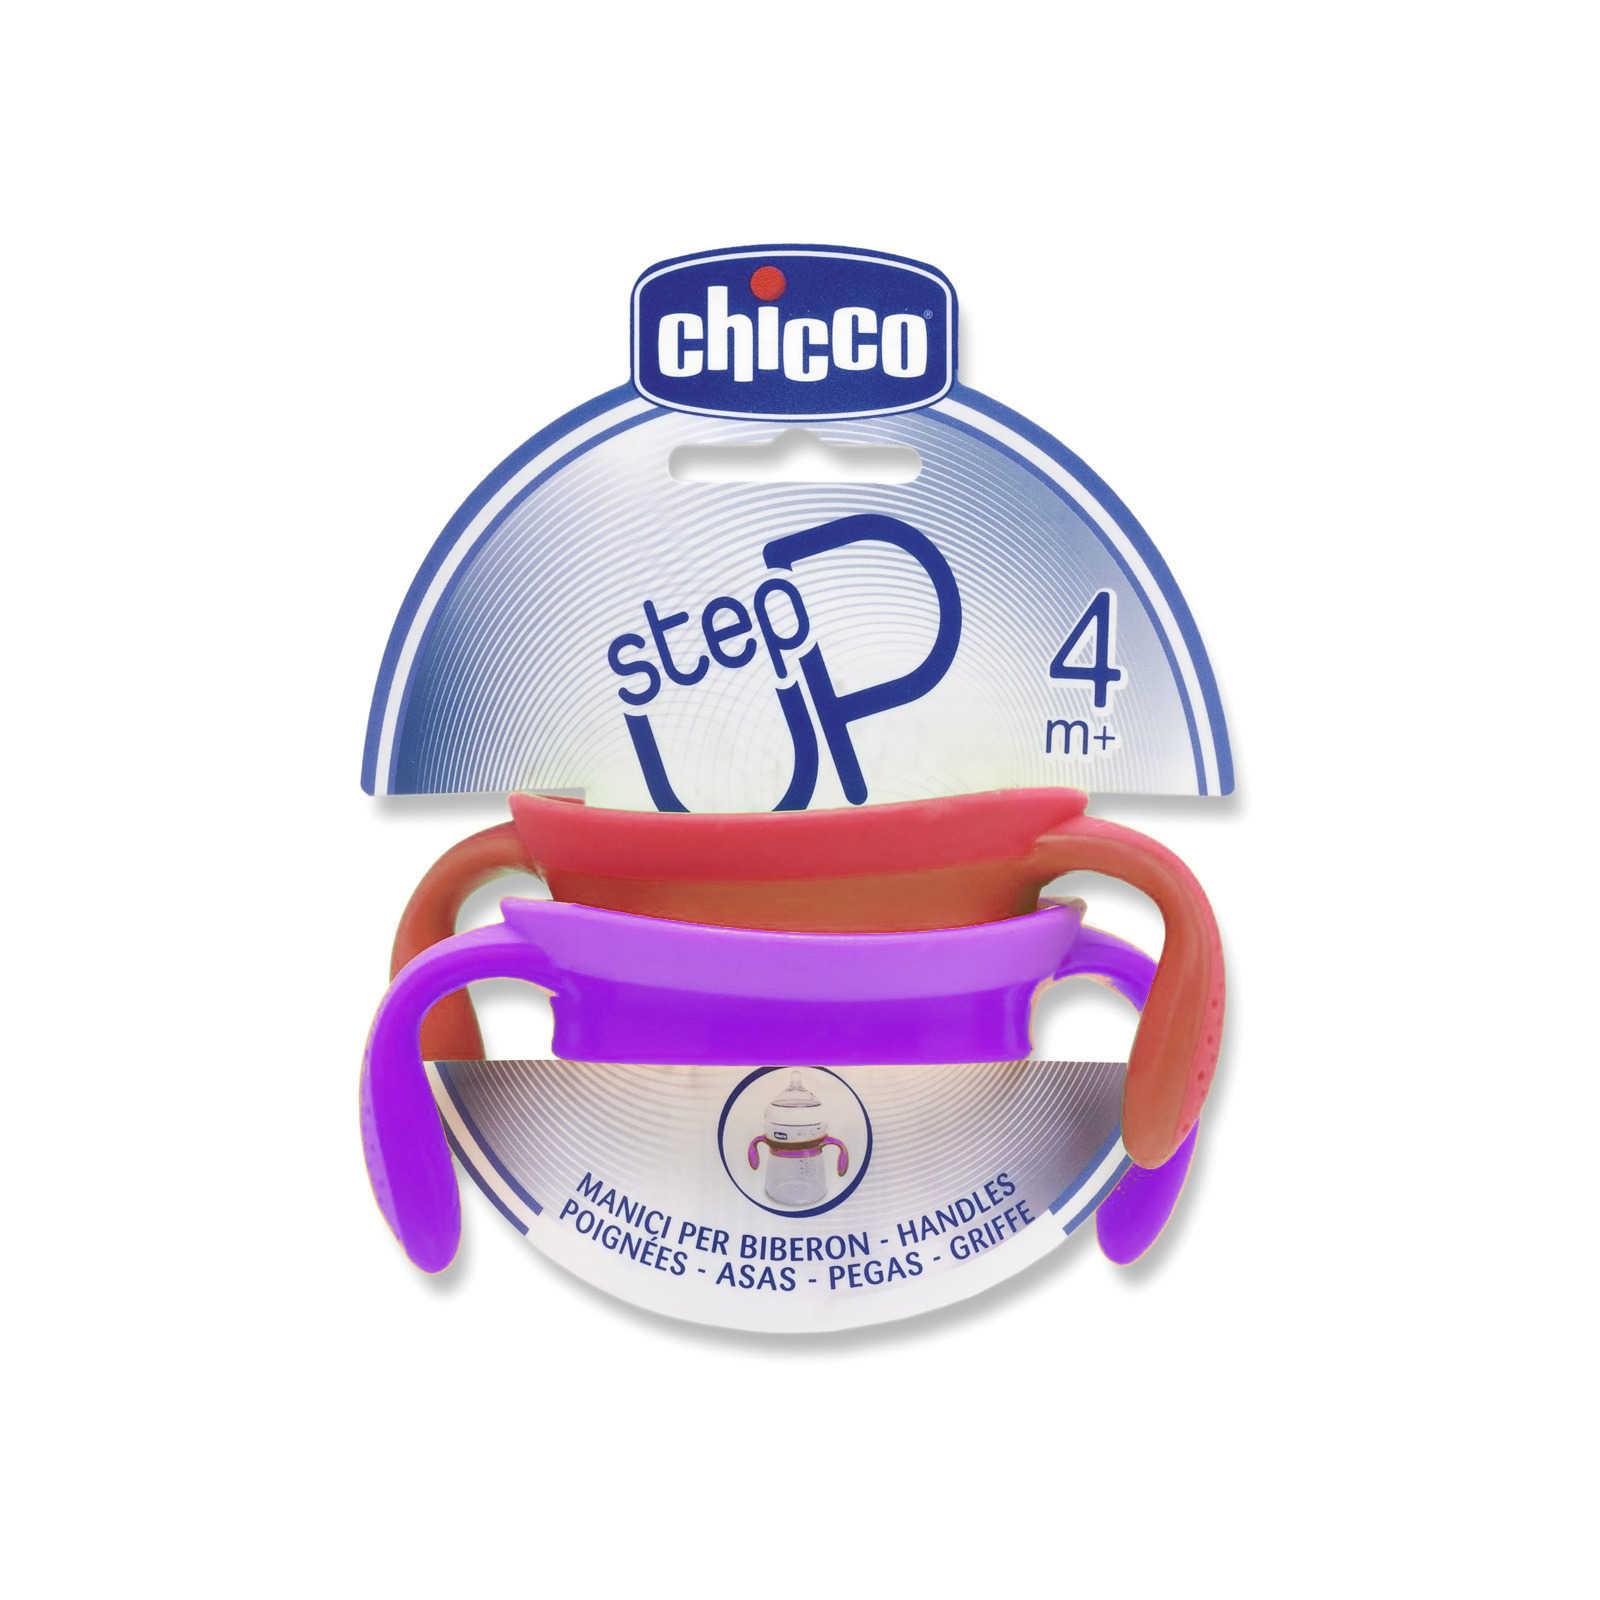 Chicco - Step Up - Manici per Biberon - Fragola e Lilla